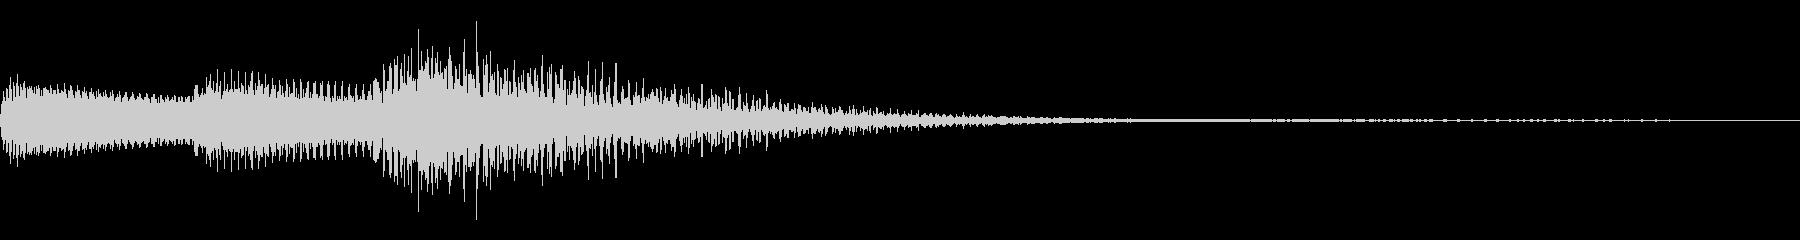 シンプルなシンセサイザー ジングルの未再生の波形